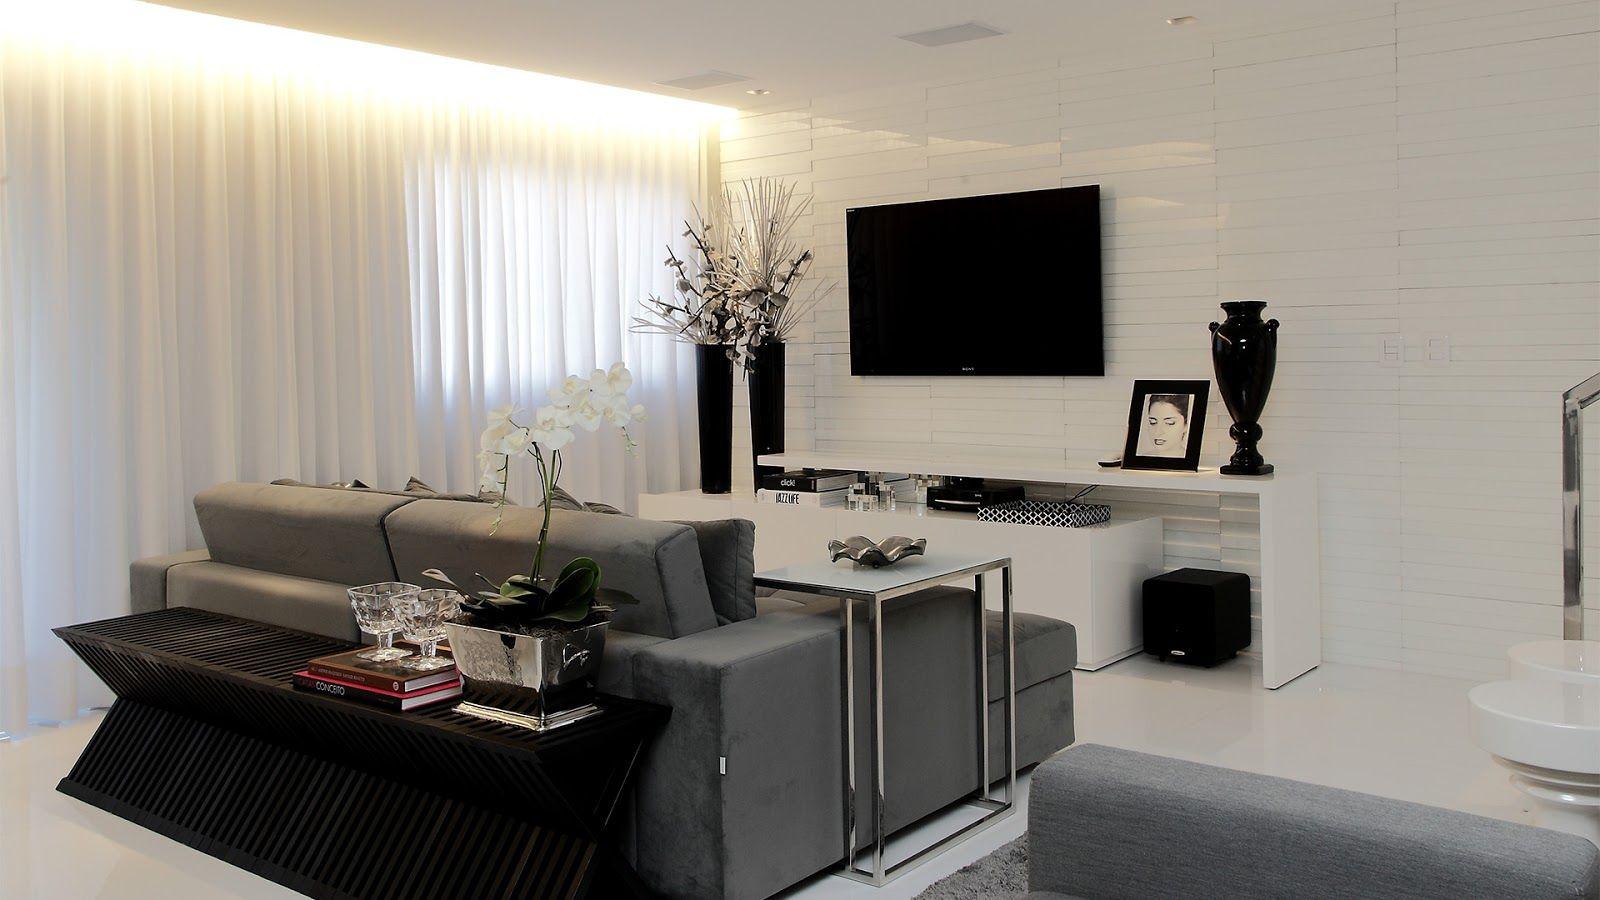 Salas De Estar Jantar E Tv Integradas E Decoradas De Preto Branco  -> Sala Cinza Preto